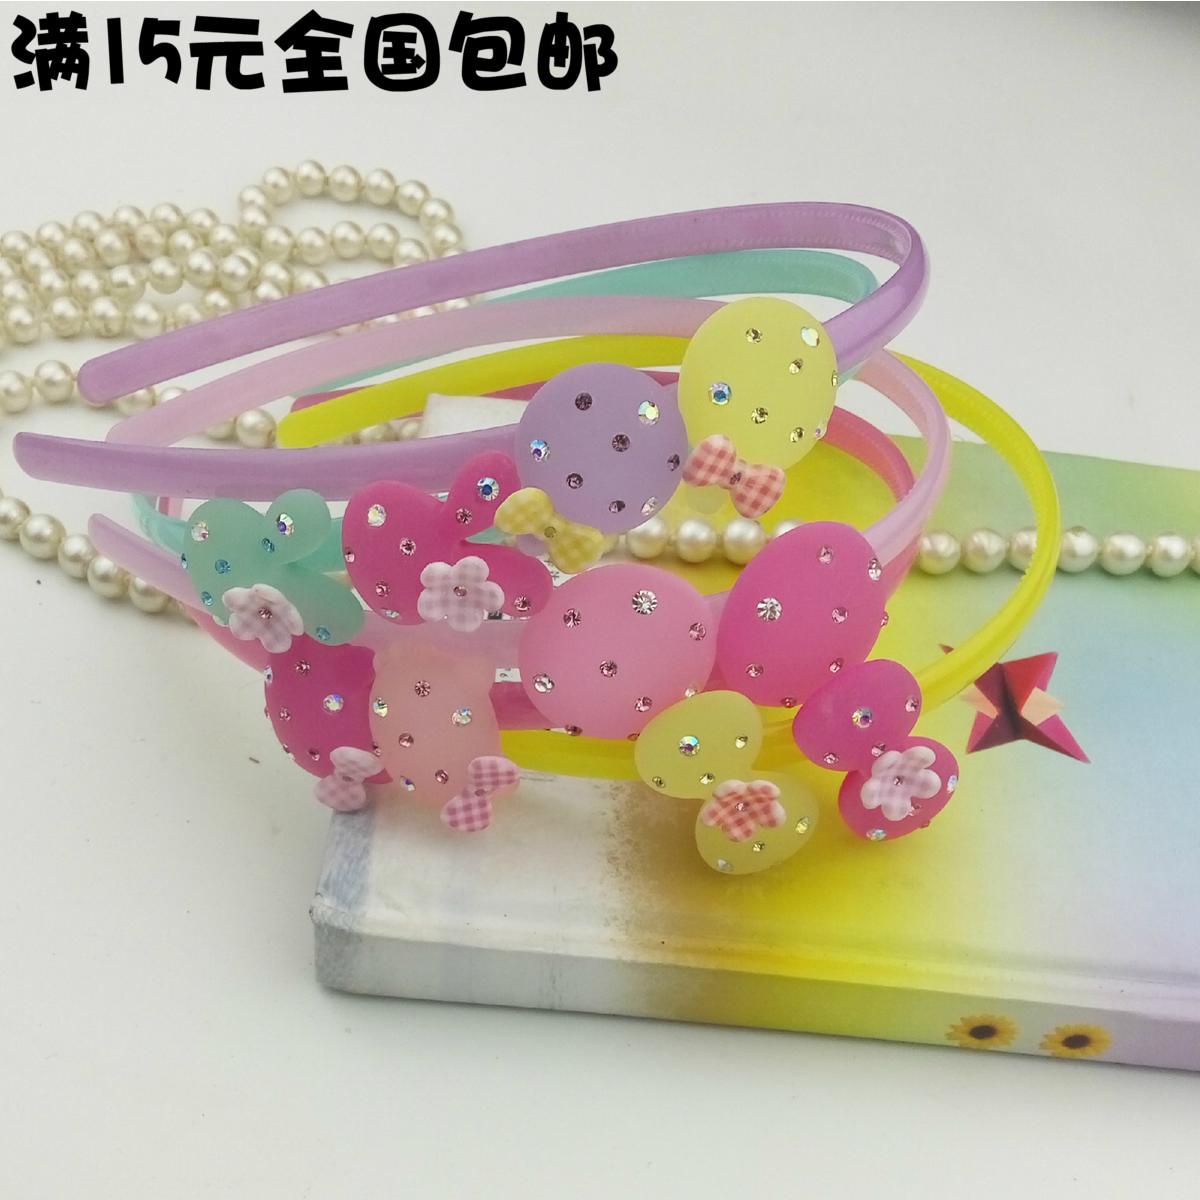 新型韓国钻饰カチューシャ児童頭箍圧バネプラスチック赤ちゃんを持って歯幼稚園スリップ発アクセサリー